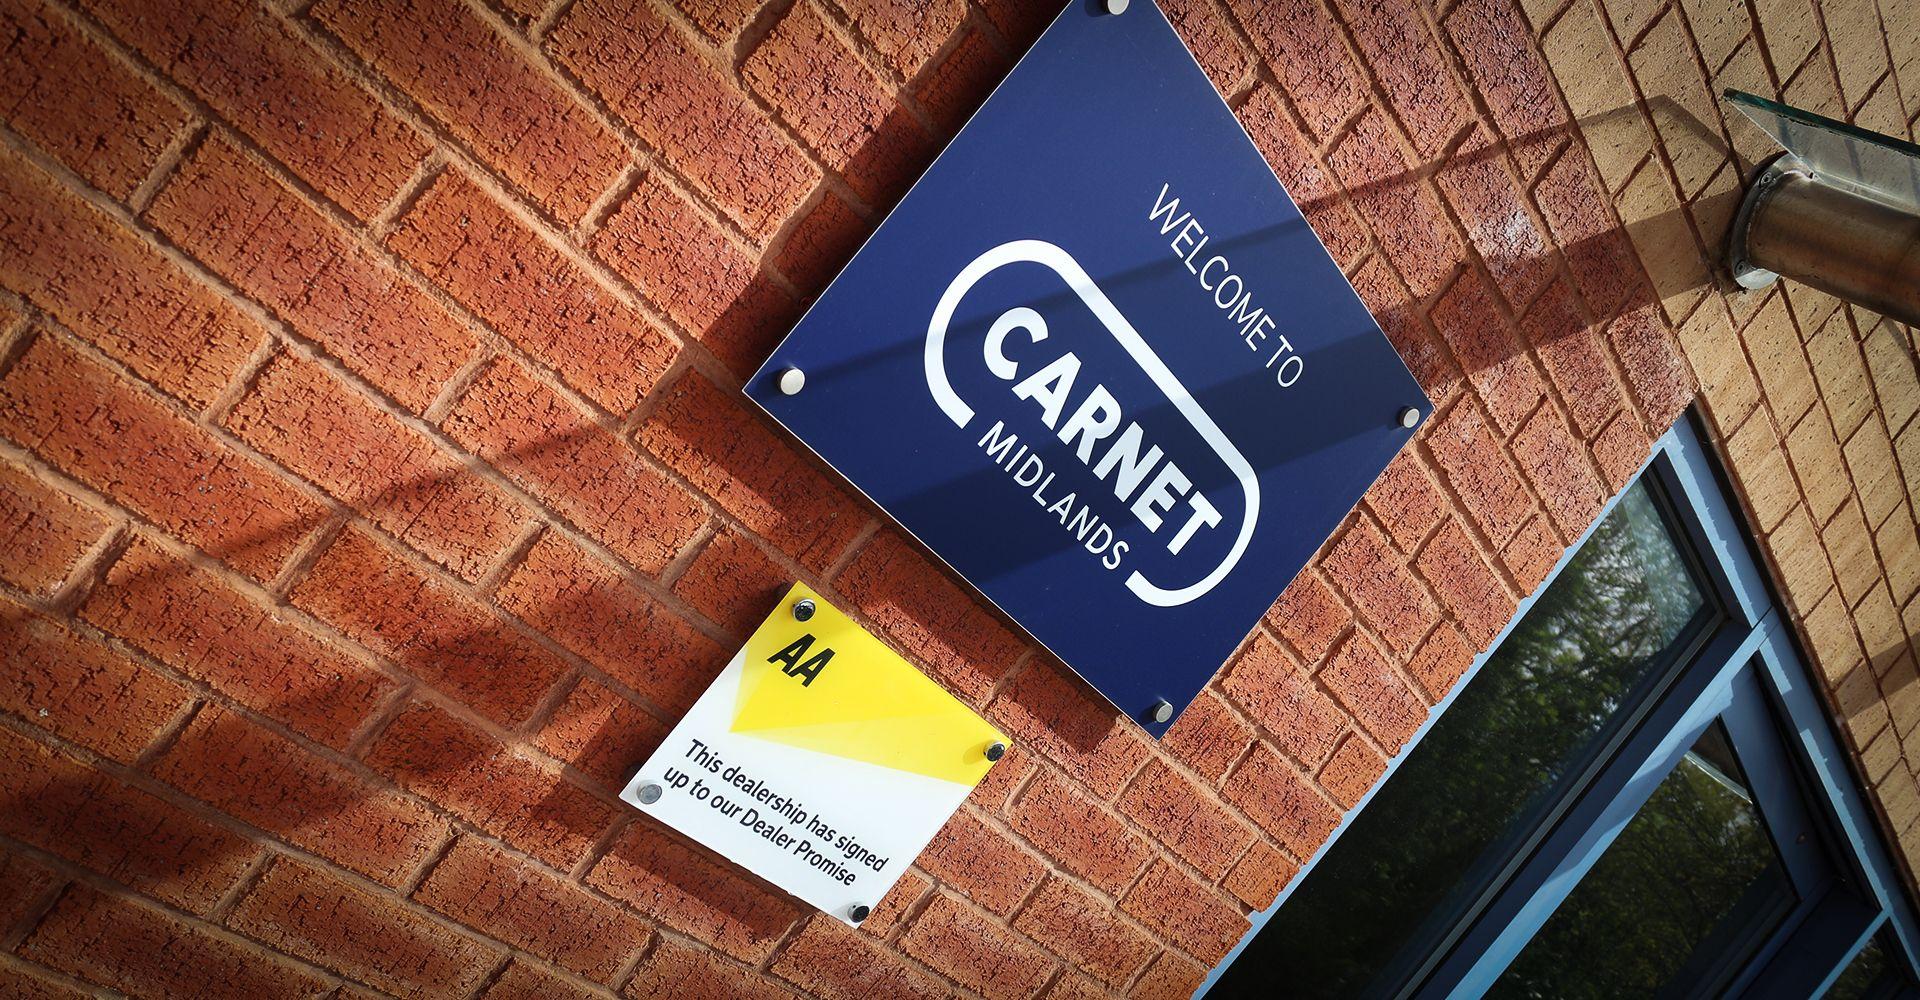 Carnet Home Page Hero 3 Result - Carnet Midlands Limited